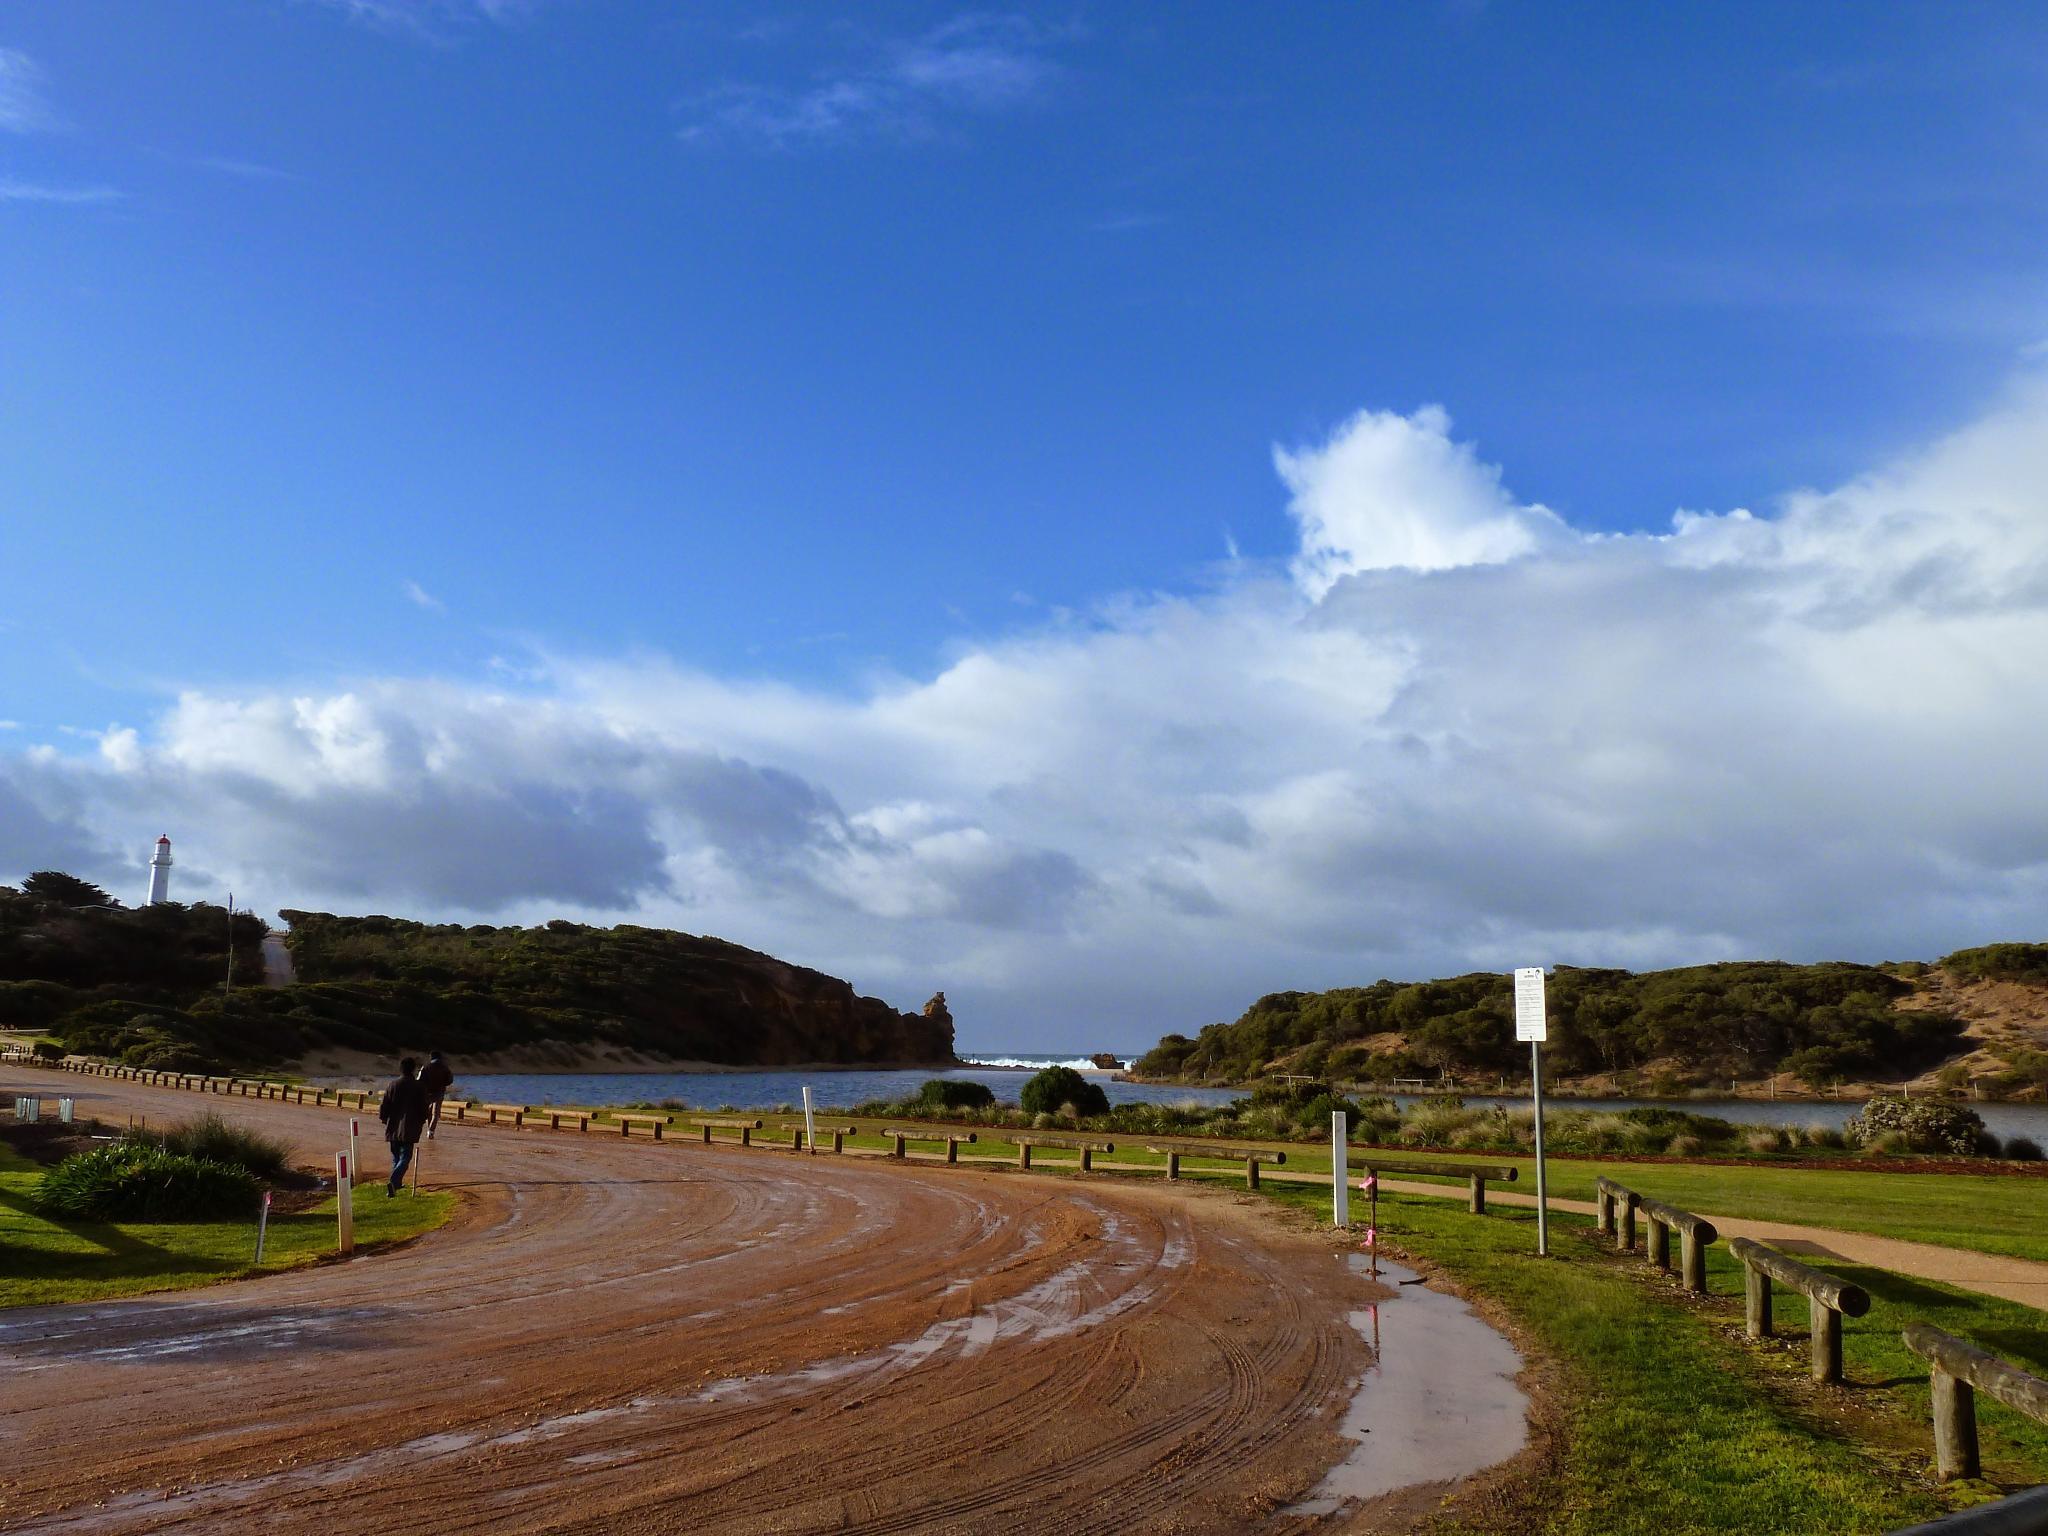 【澳洲】Great Ocean Road 壯闊絕美的南澳大洋路 3